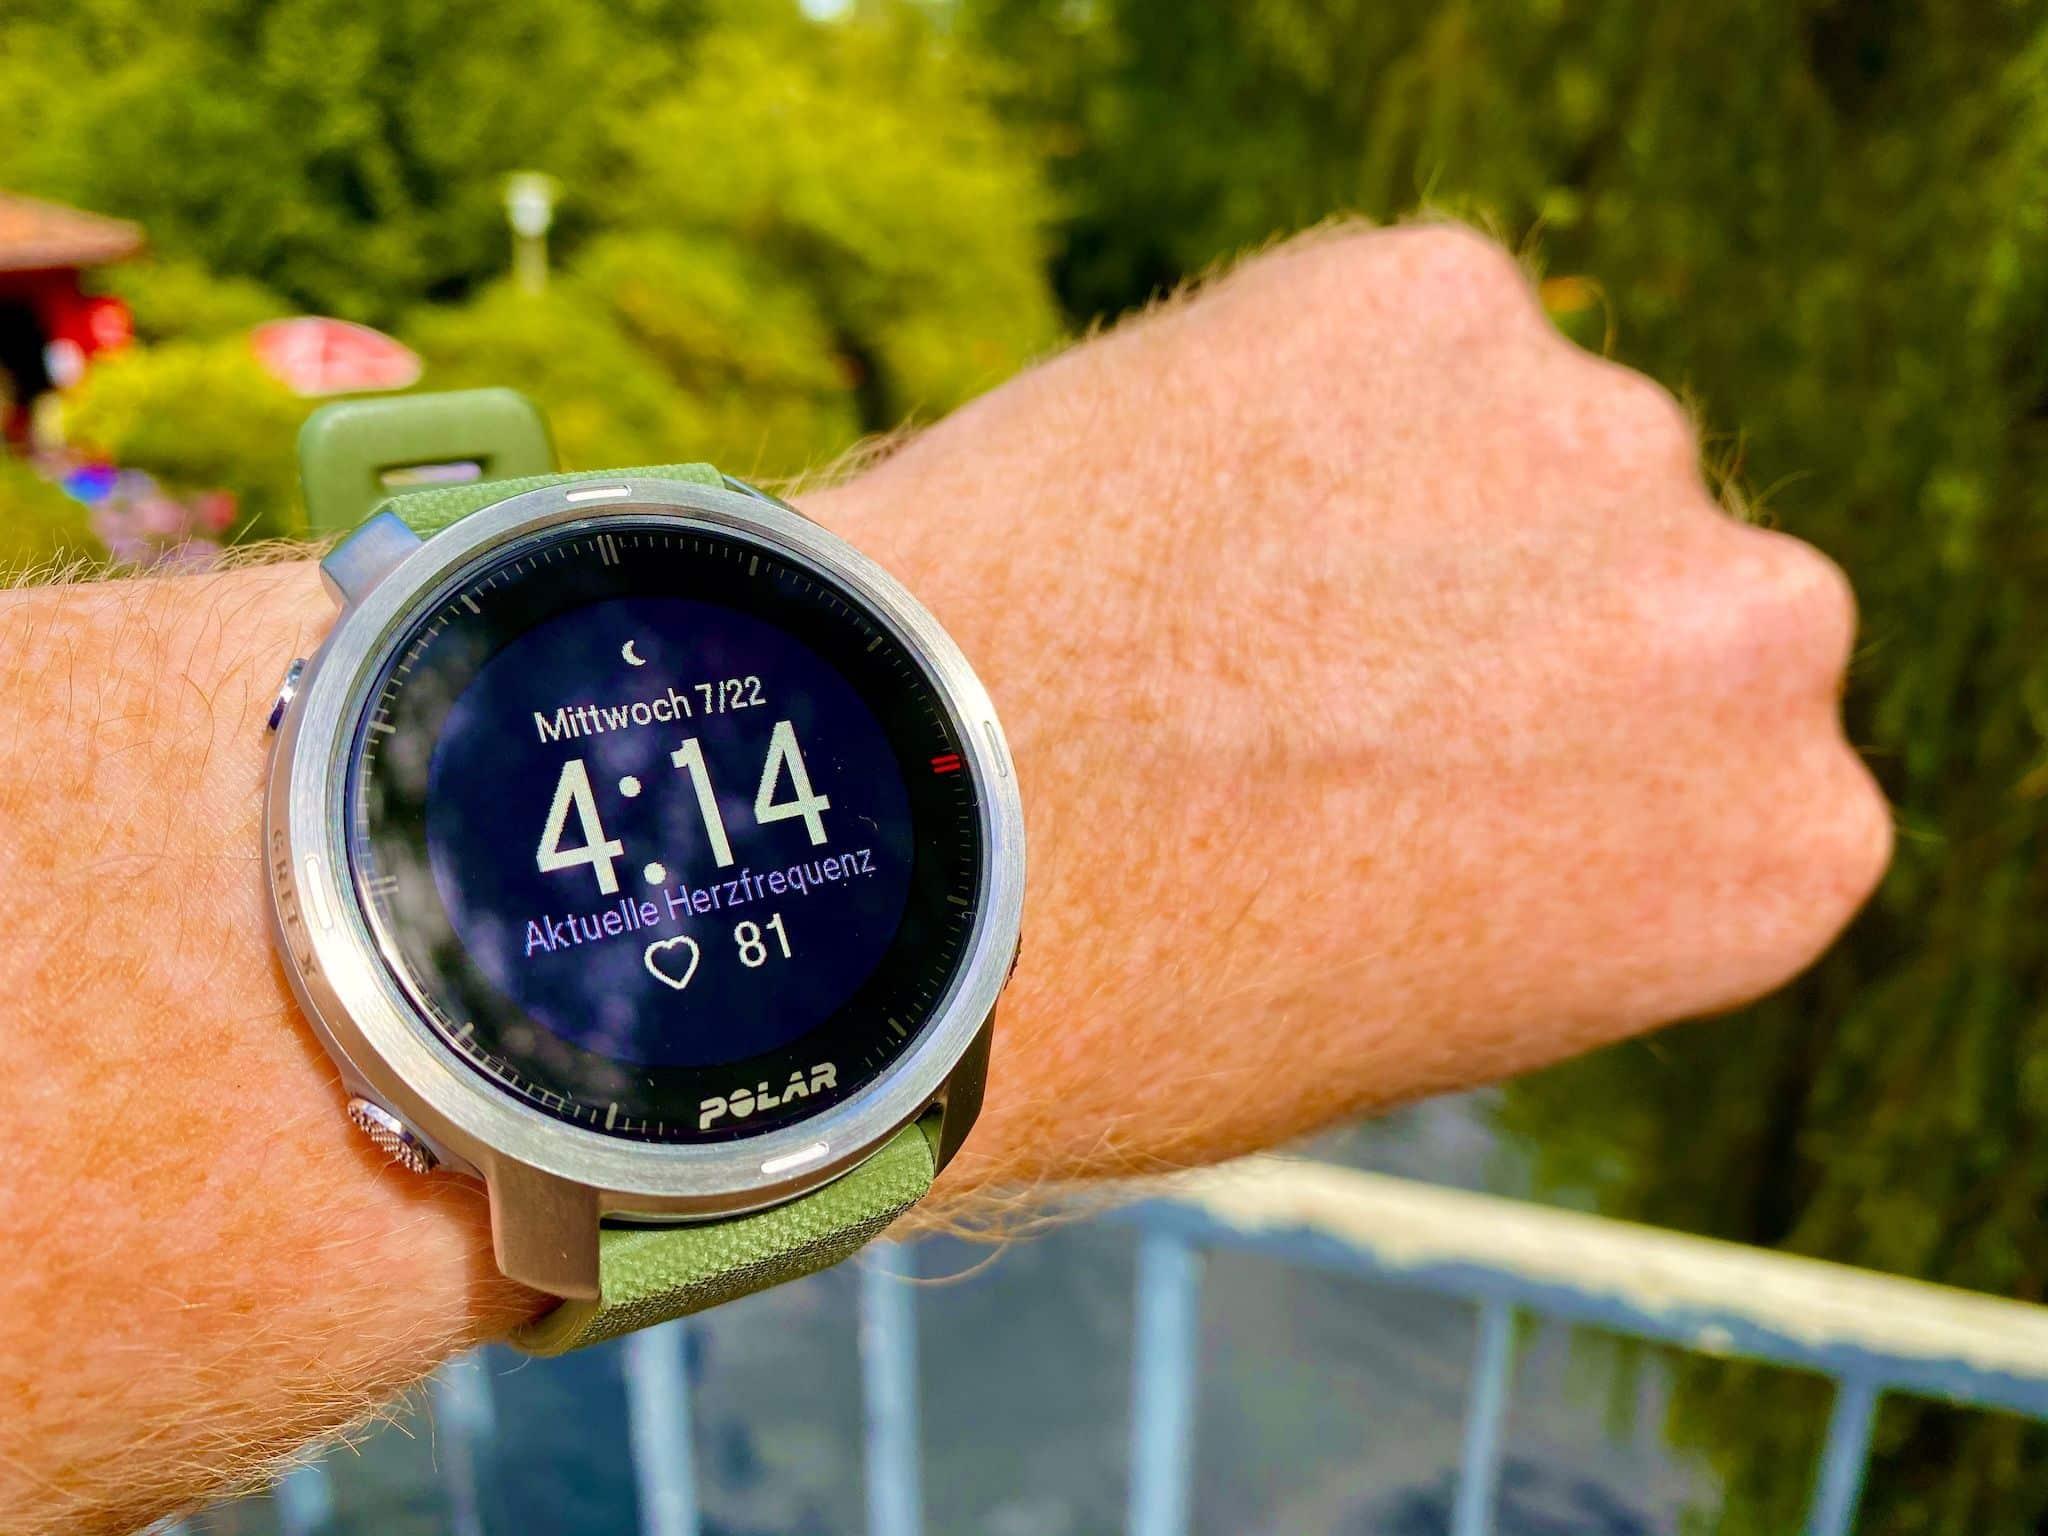 Polar Grit X im Test: Wir haben uns die Outdoor-Smartwatch ausführlich angeschaut. Foto: Sascha Tegtmeyer